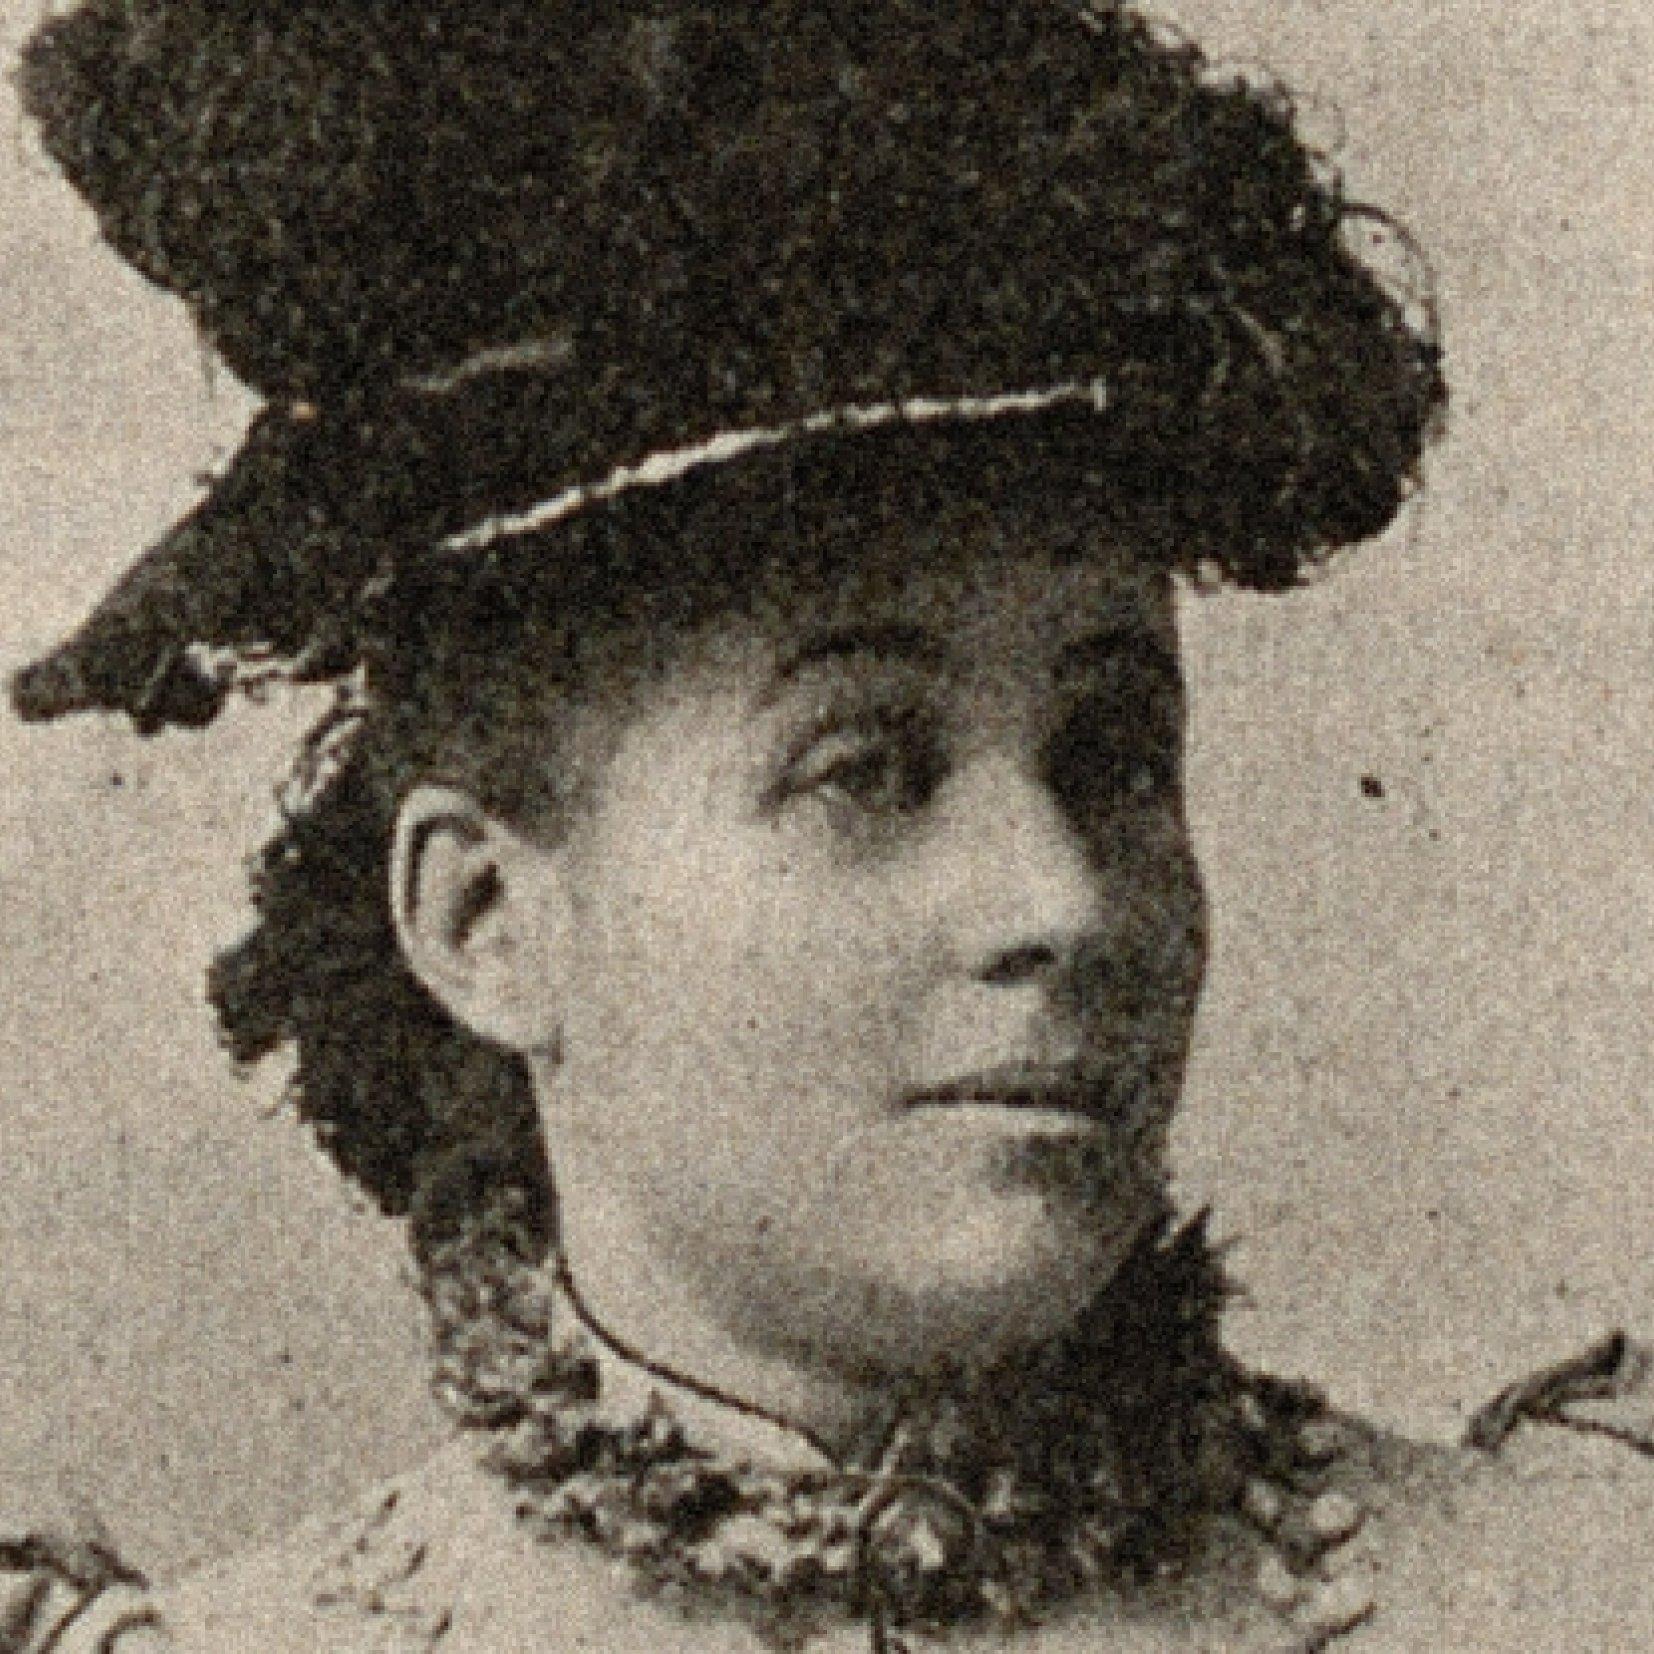 Wilhelmina Drucker als Annette Versluys-Poelman, 1919